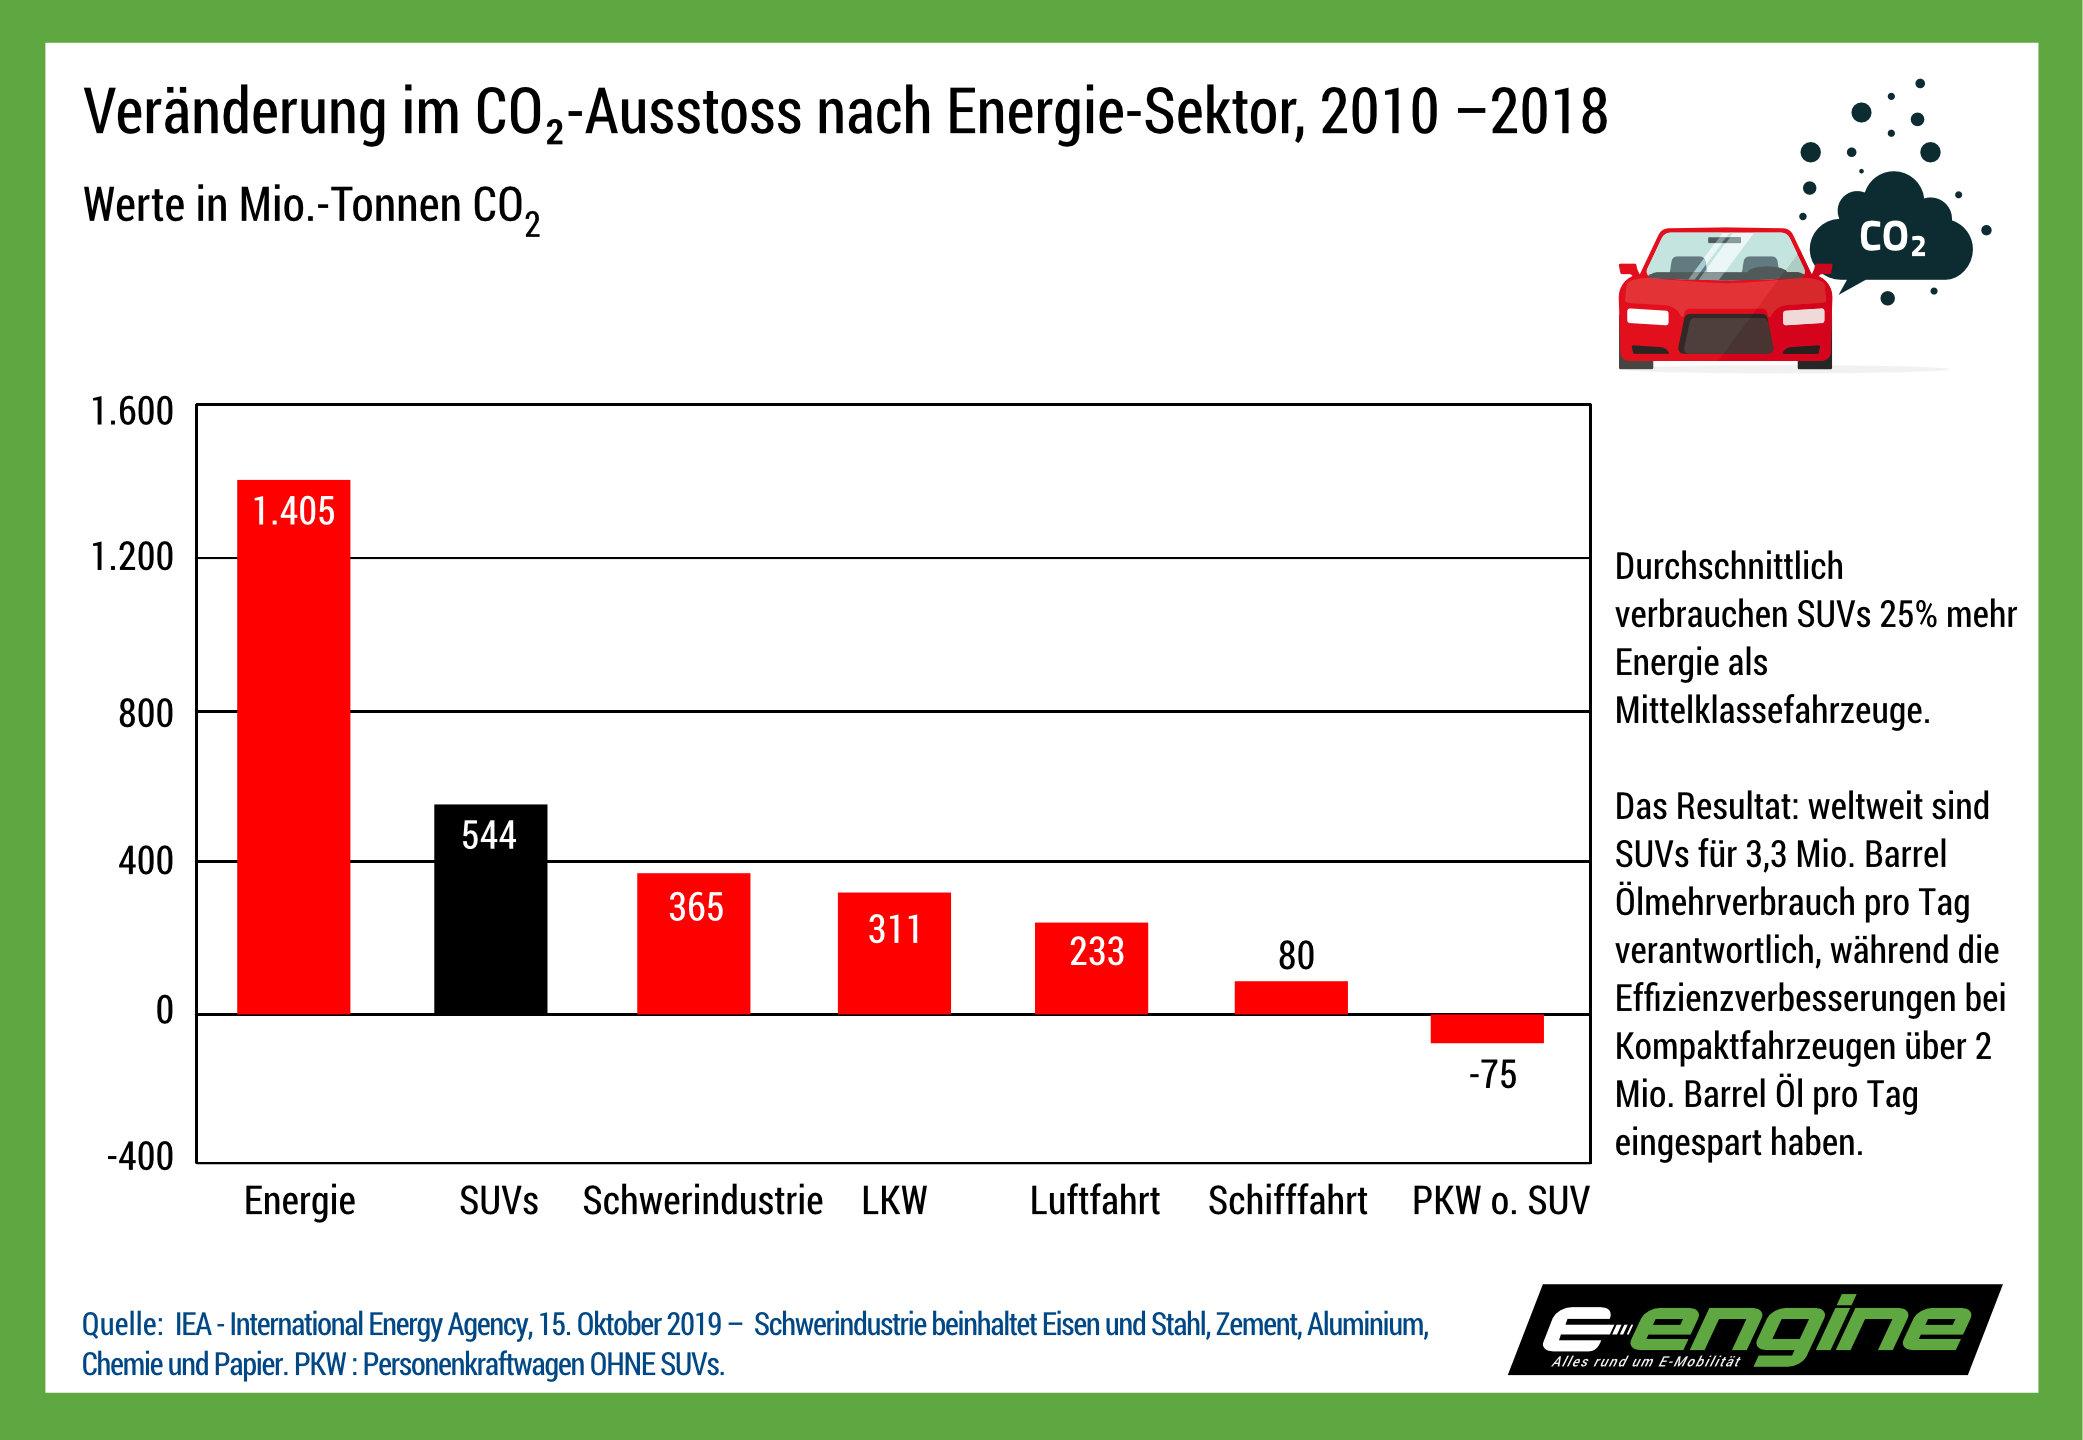 Chart der Woche: weltweiter Energiemehrverbrauch von SUVs seit 2010